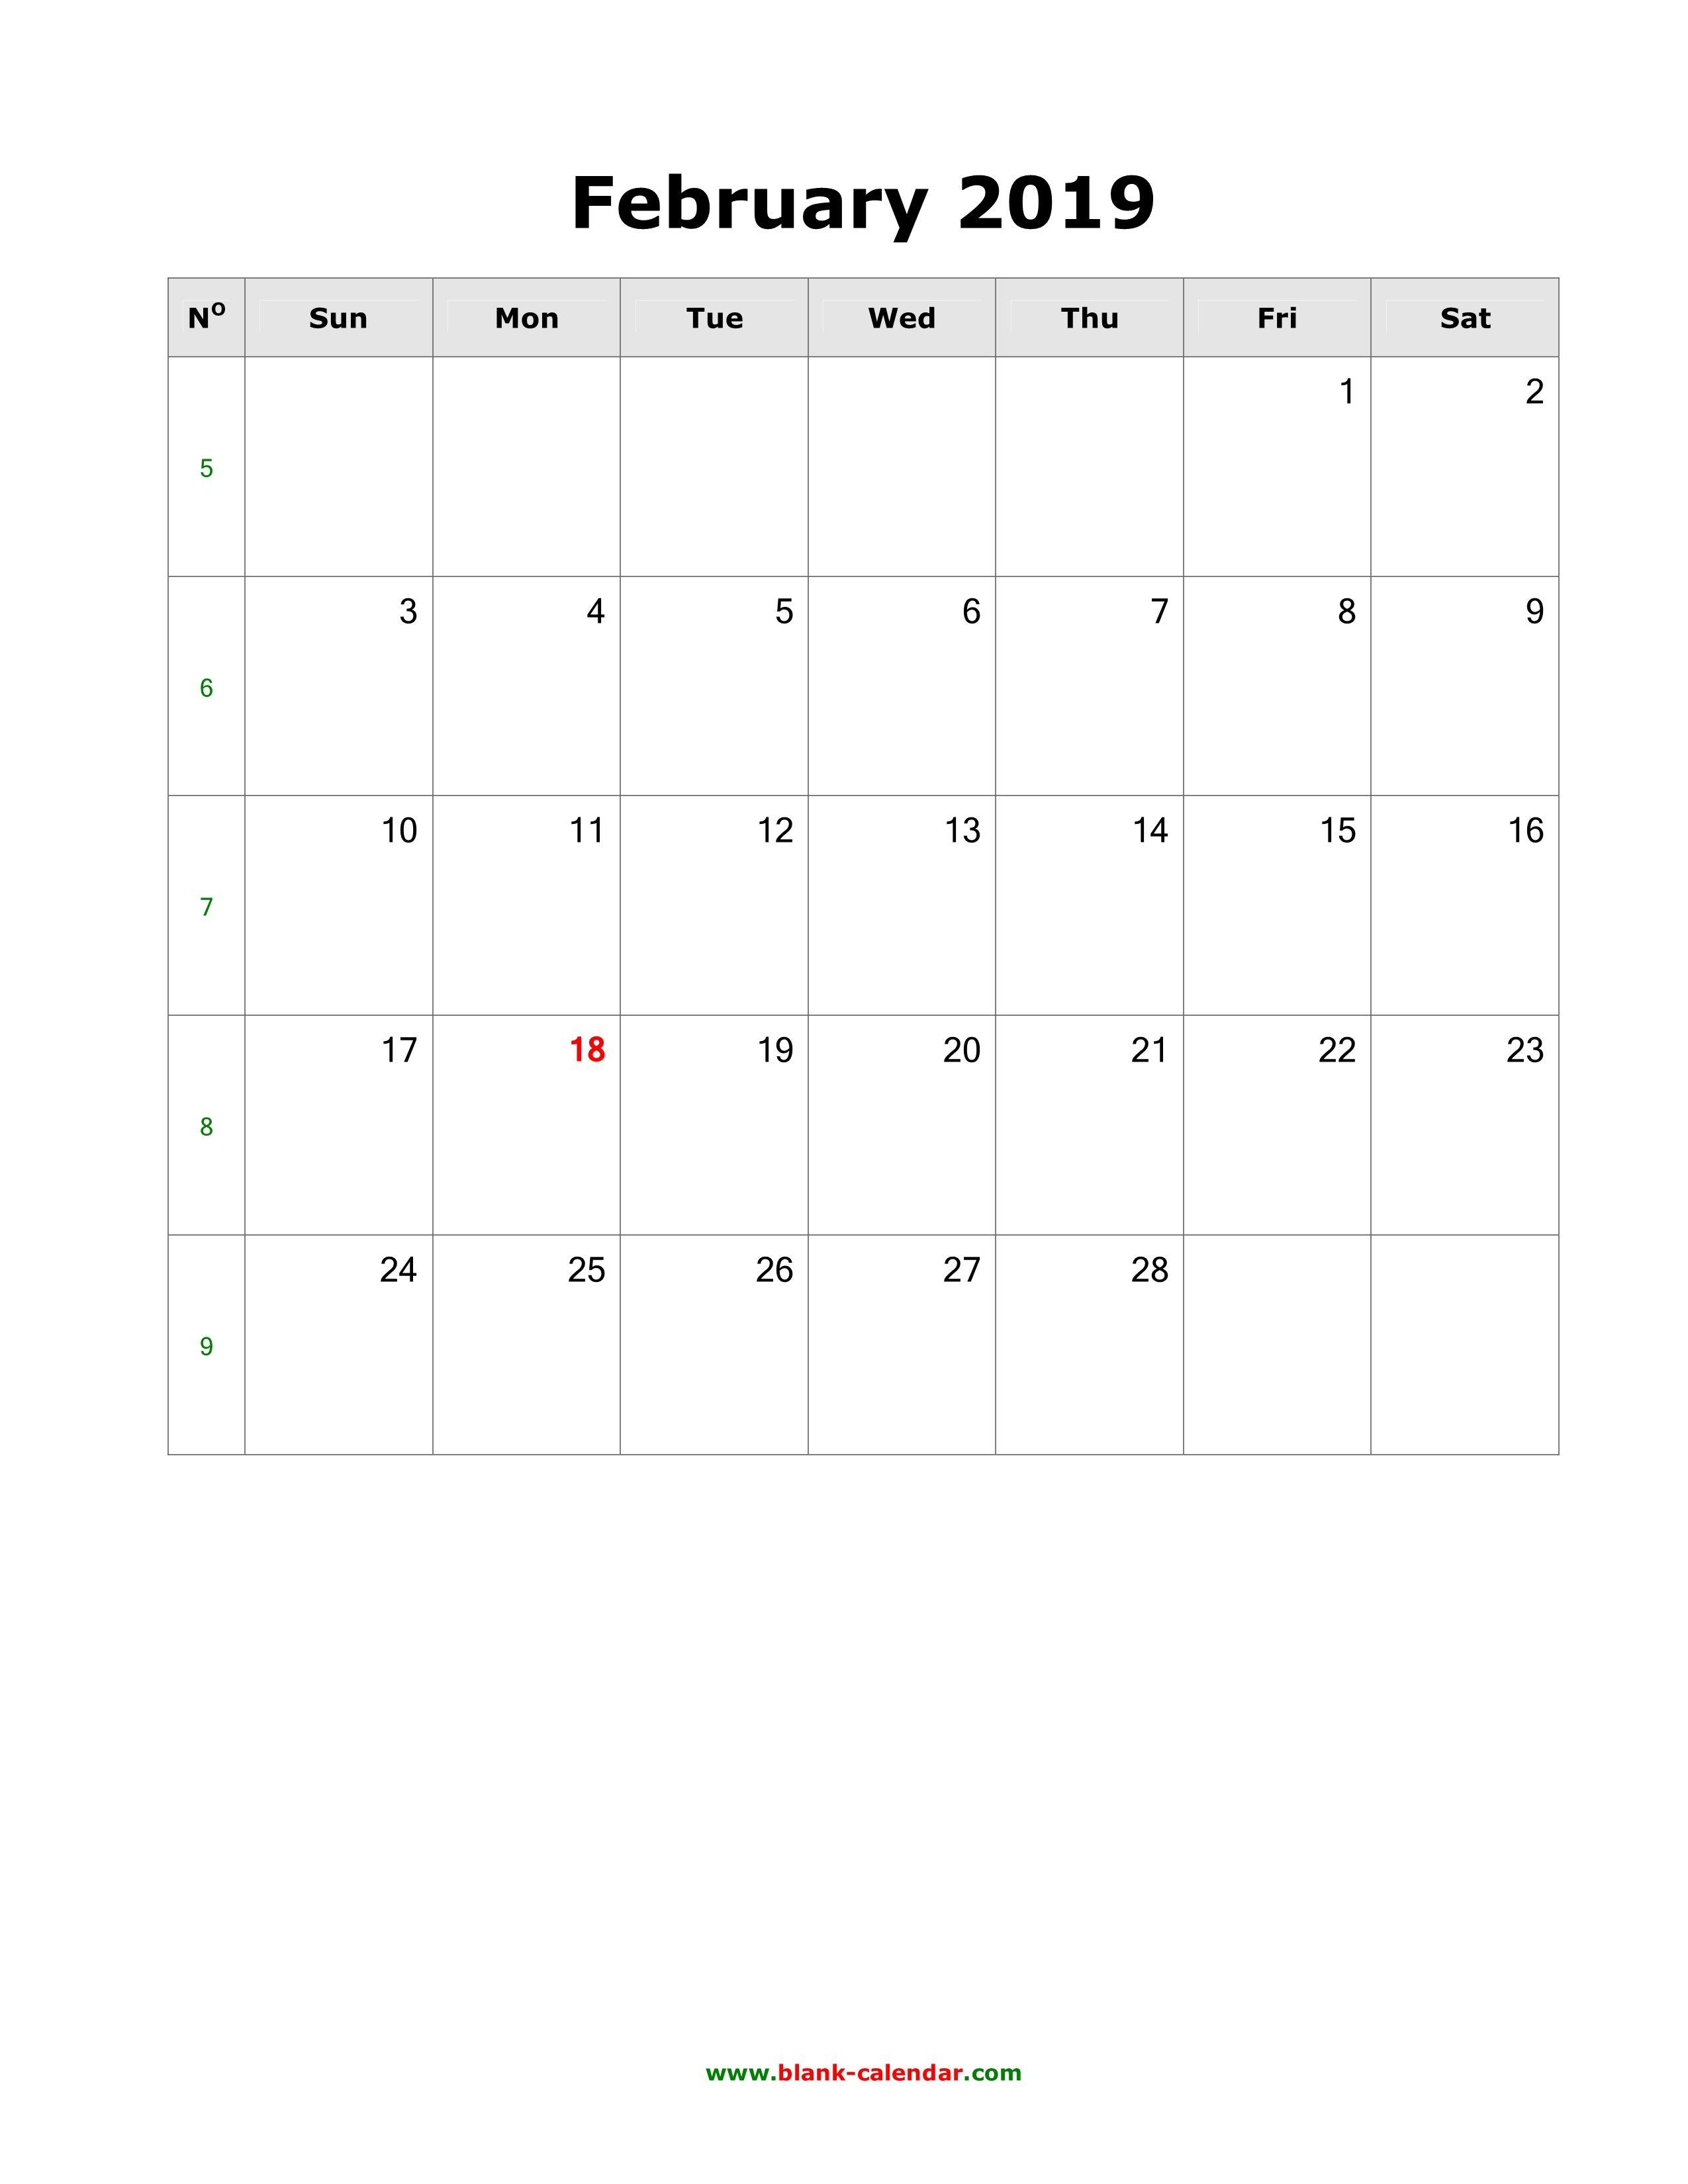 February Calendar 2019 To Do List | February Calendar